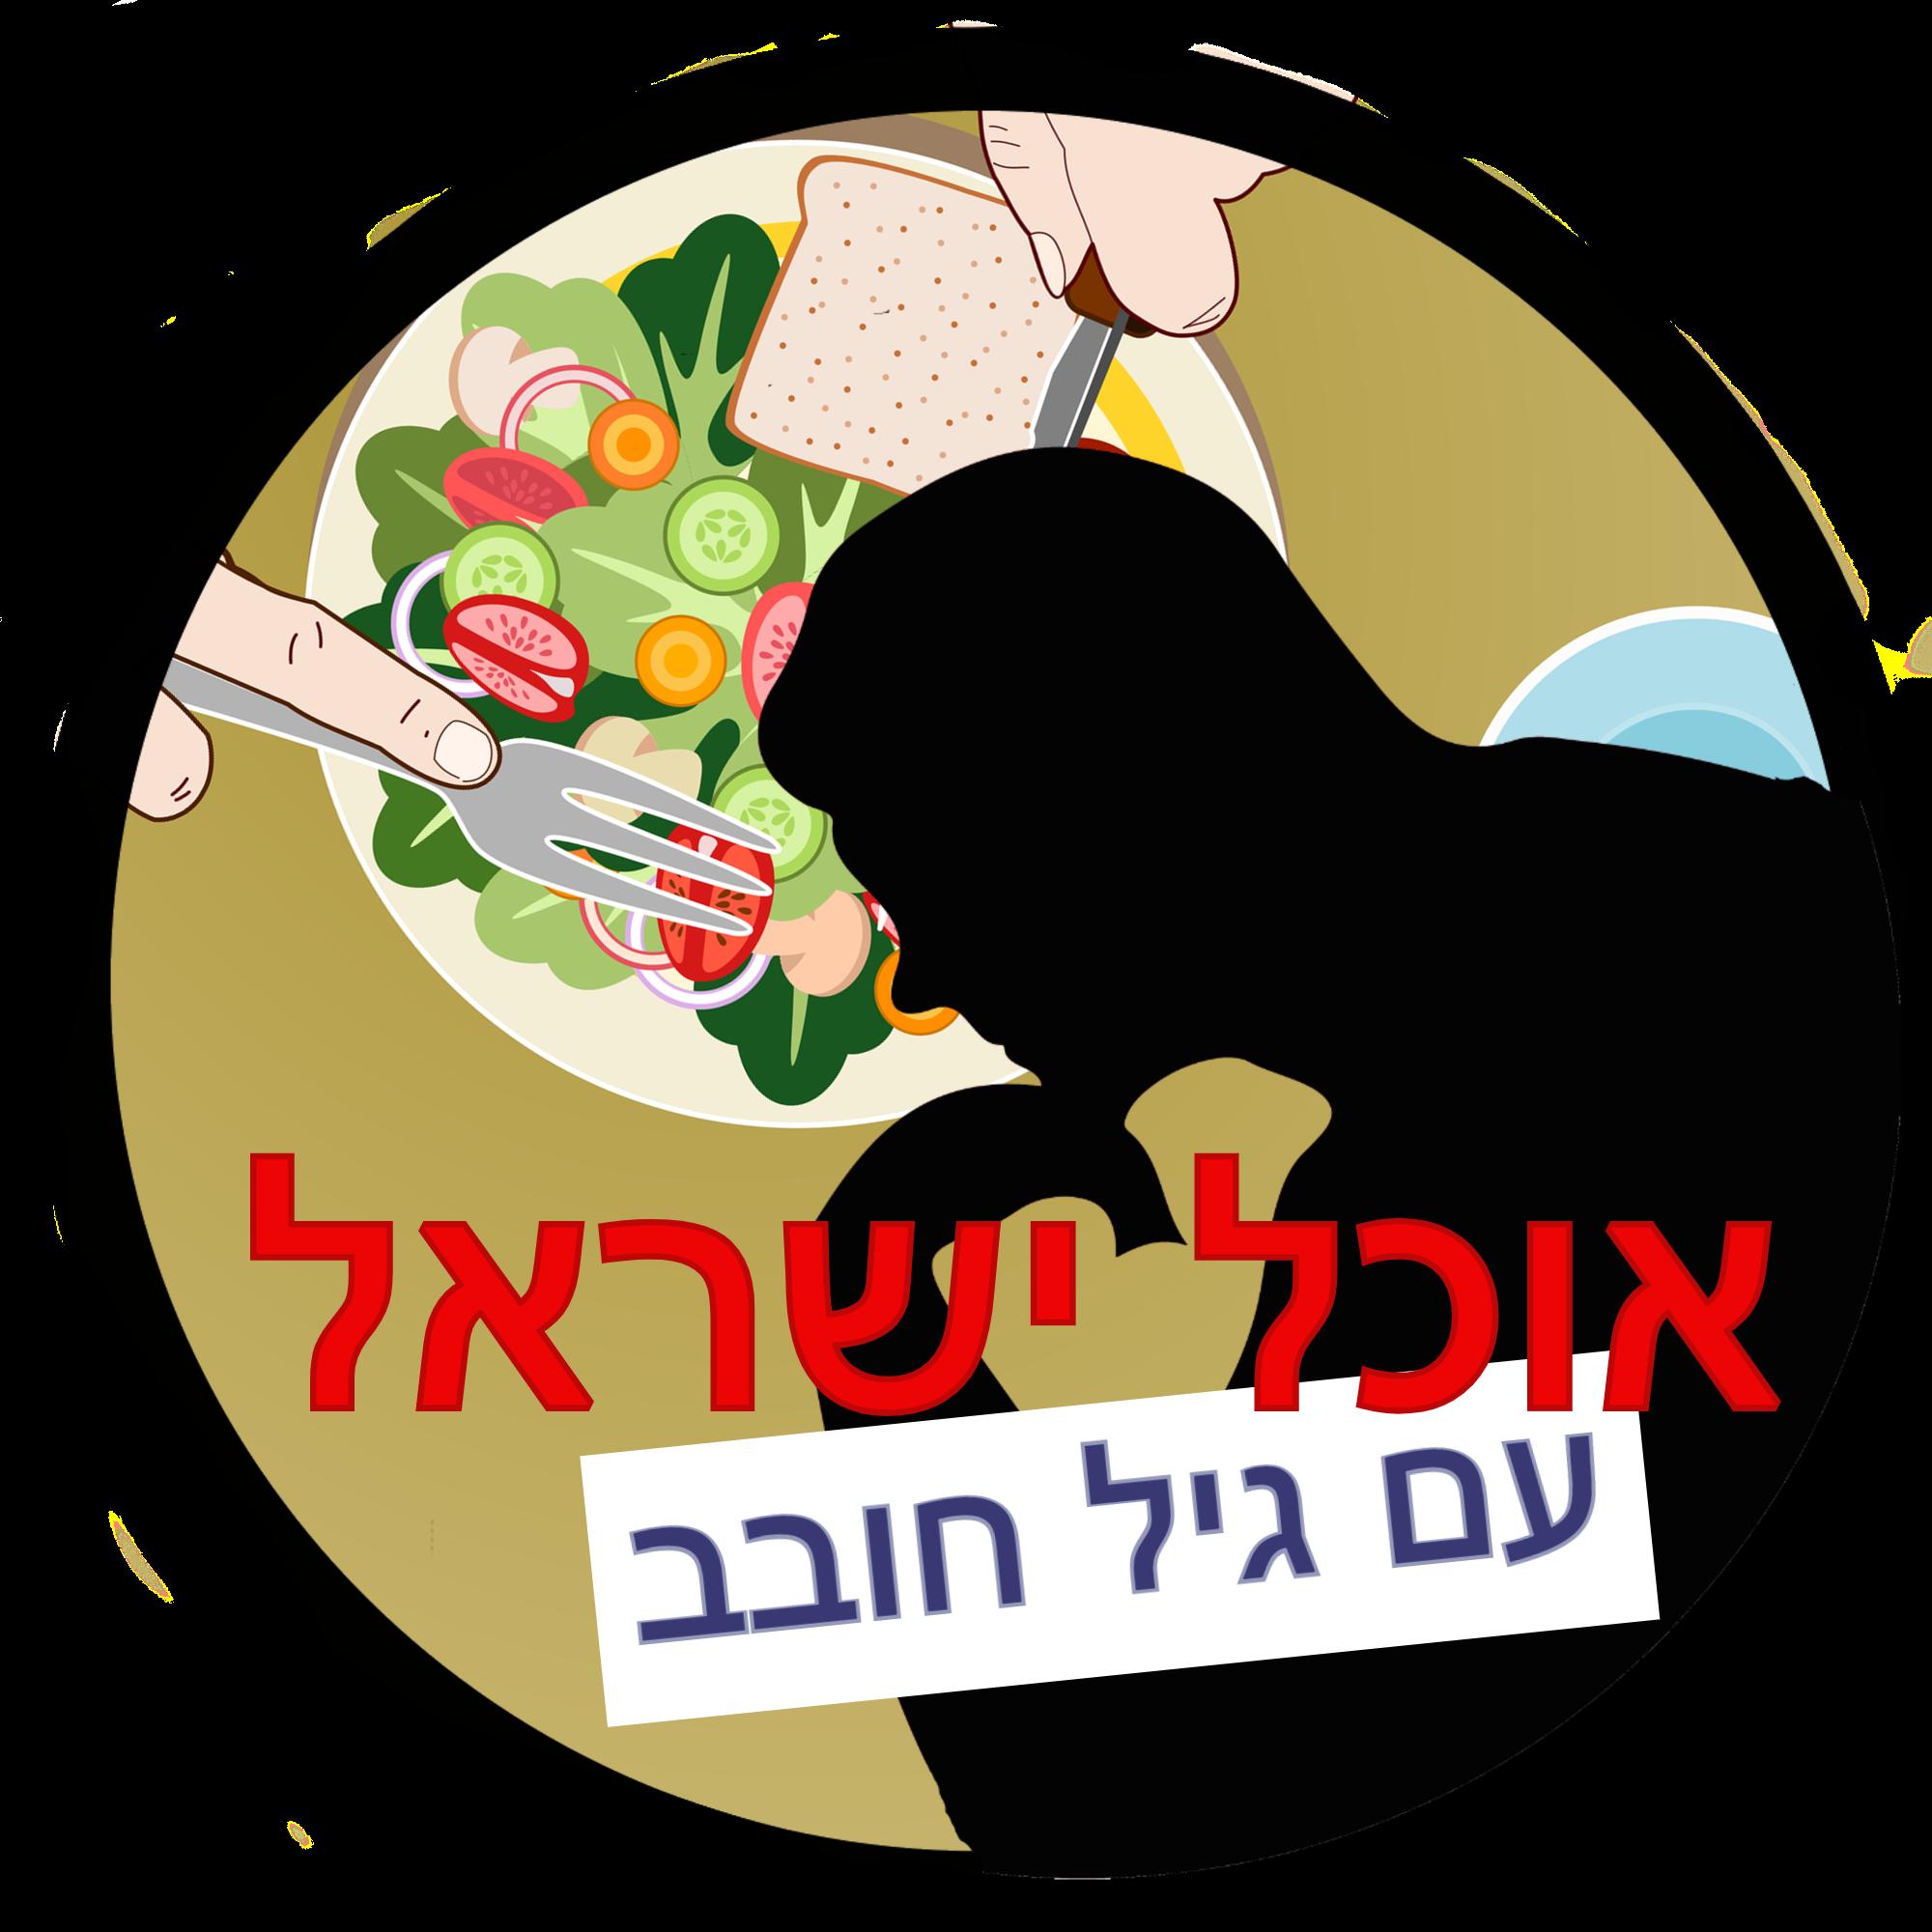 [אוכל ישראל] משני עברי הים התיכון